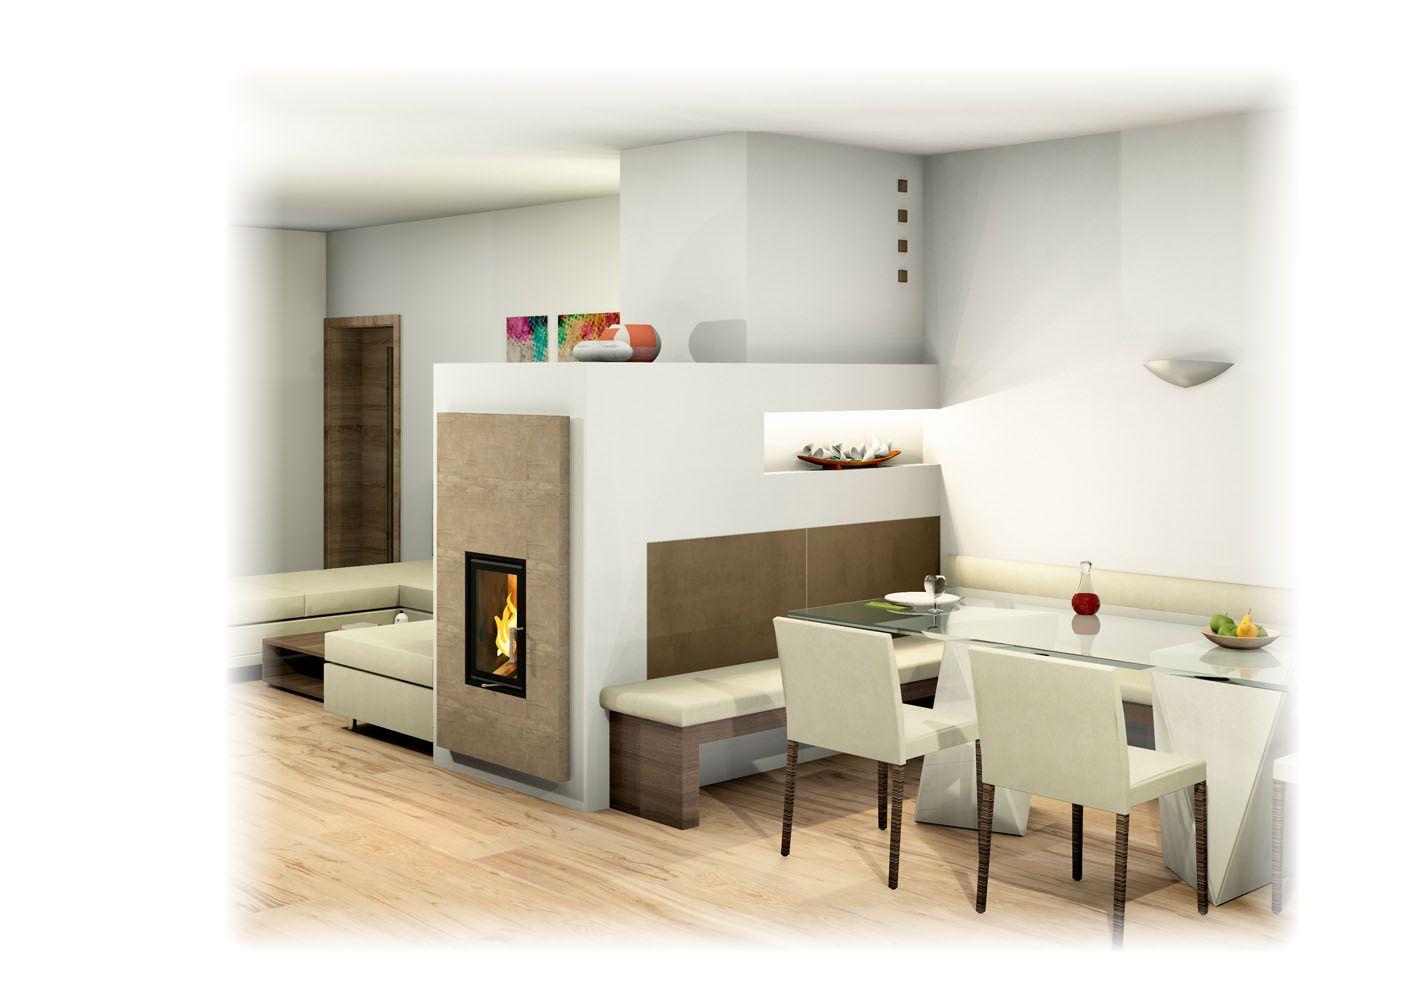 Moderner LandhausKachelofen mit Sichtfenster Essecke und Liege  Home decor in 2019  Room